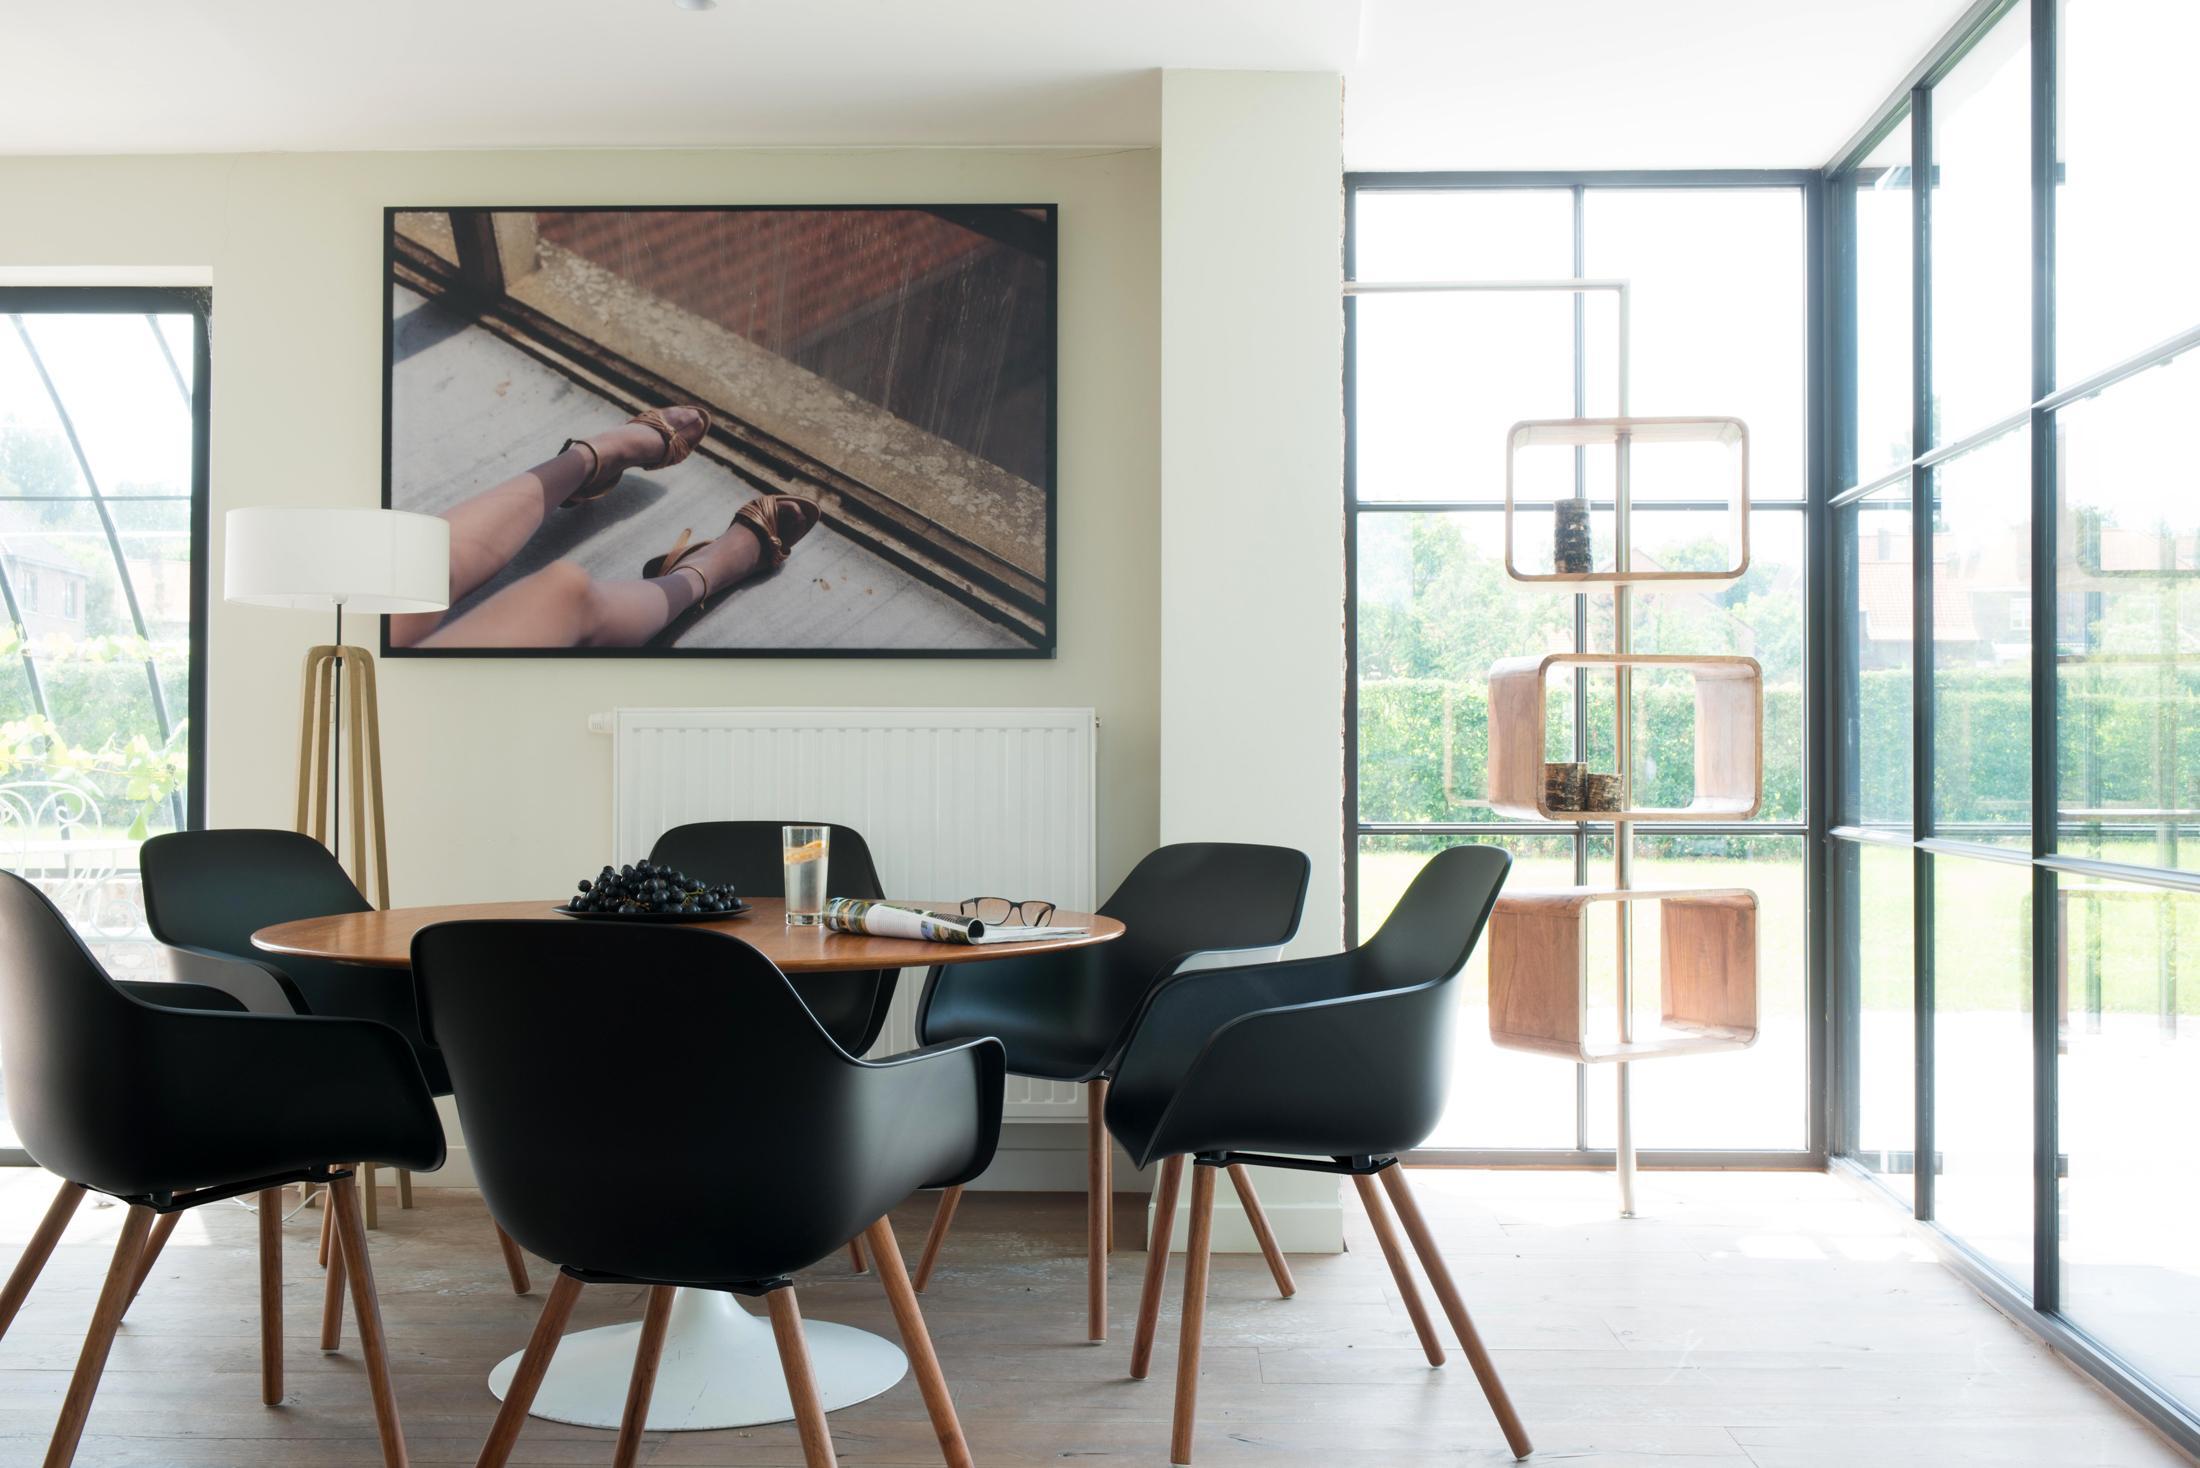 Schalenstuhl bilder ideen couchstyle for Schalenstuhl esszimmer